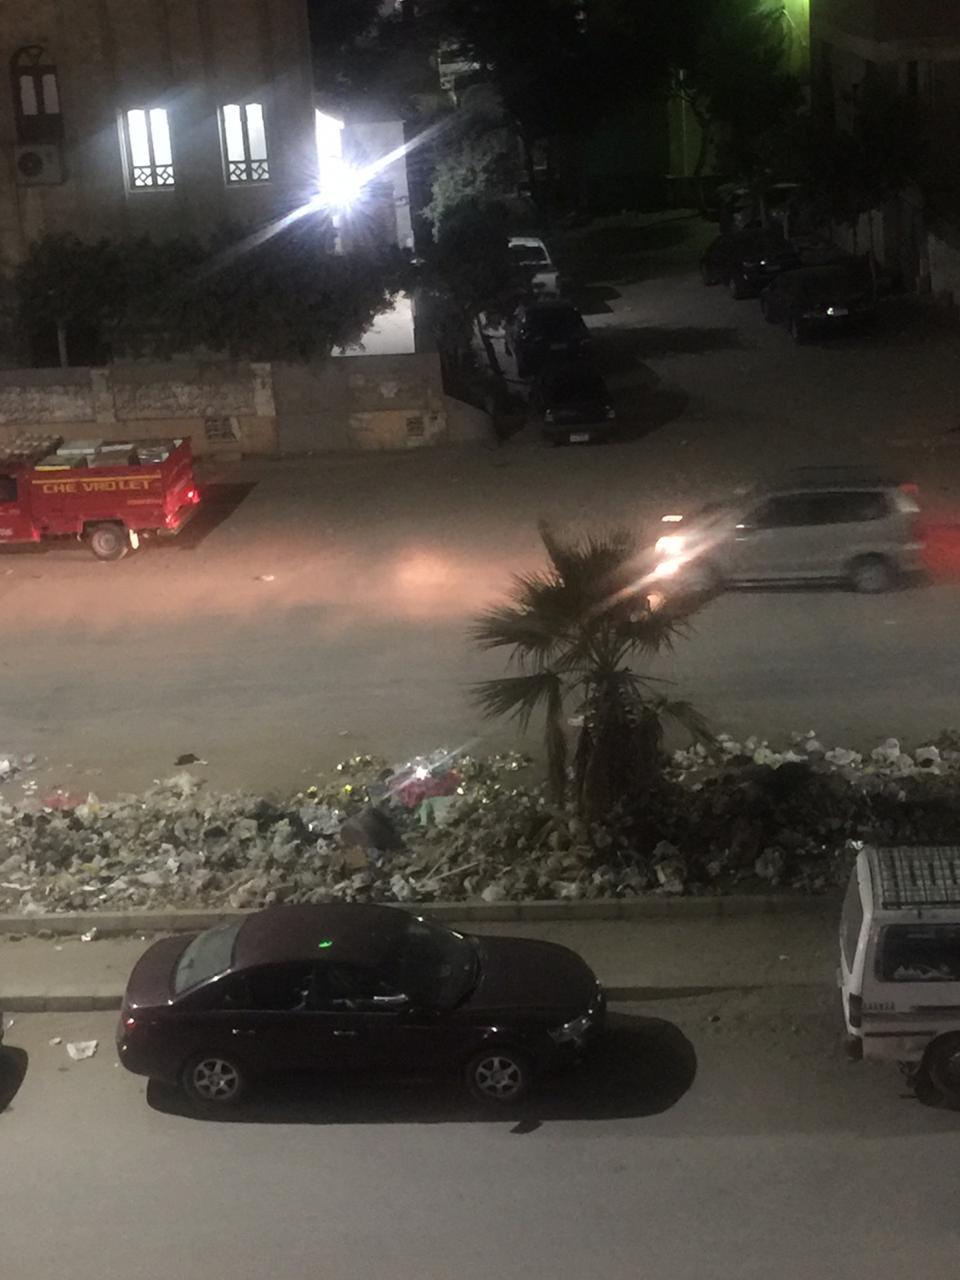 بشارع مهدى عرفه بالحى العاشر بمدينه نصر (2)